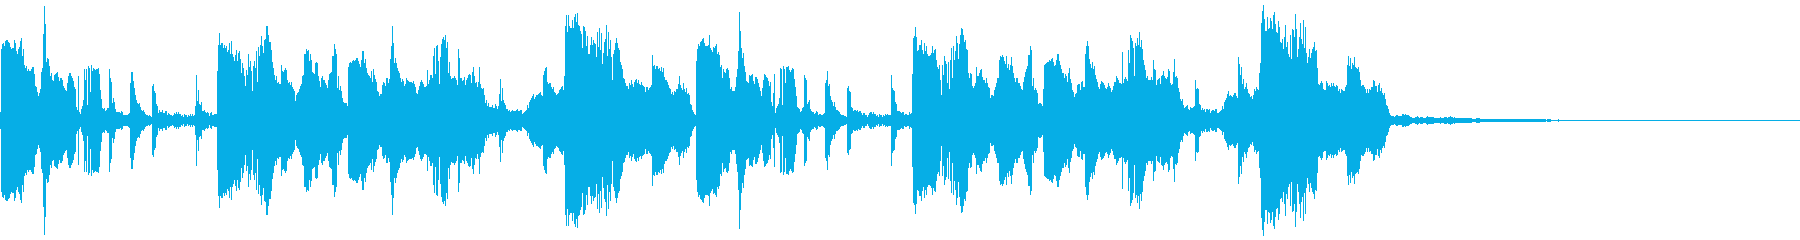 ミステリアス・幻想的日常・神秘的ジングルの再生済みの波形